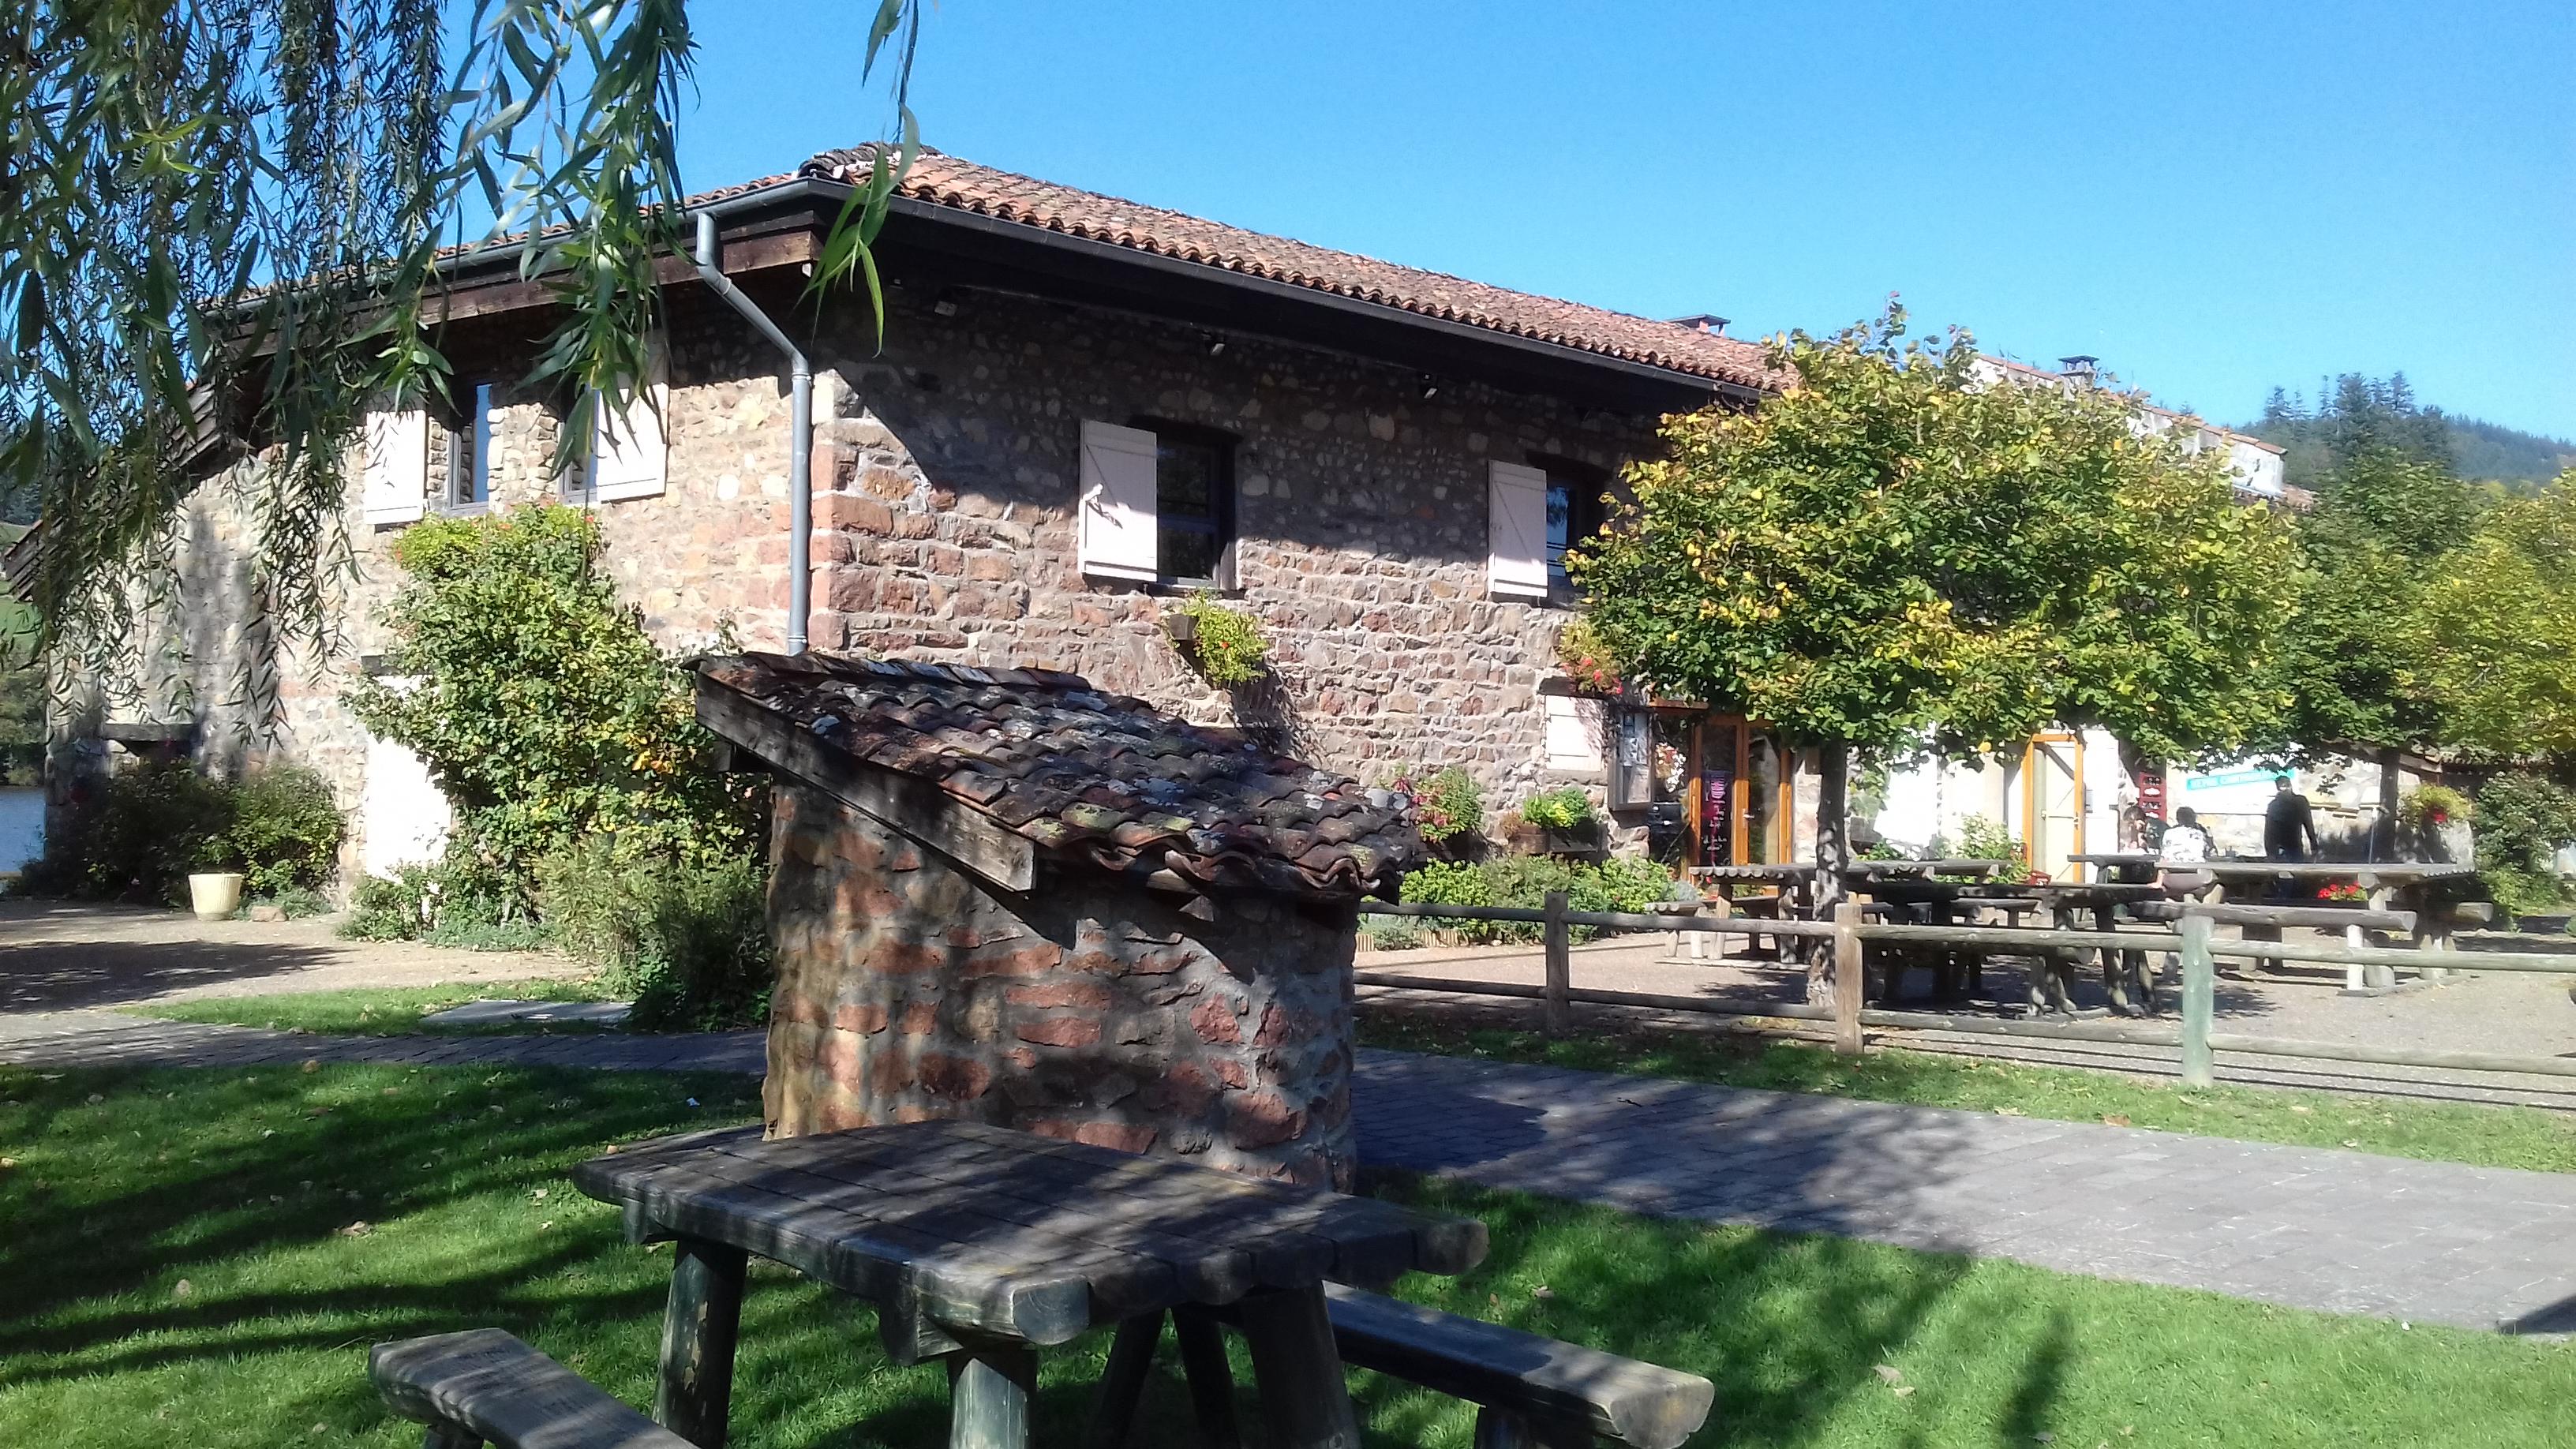 Auberge paysanne la voisin e beaujolais vert site officiel de l 39 office de tourisme - Office tourisme beaujolais ...